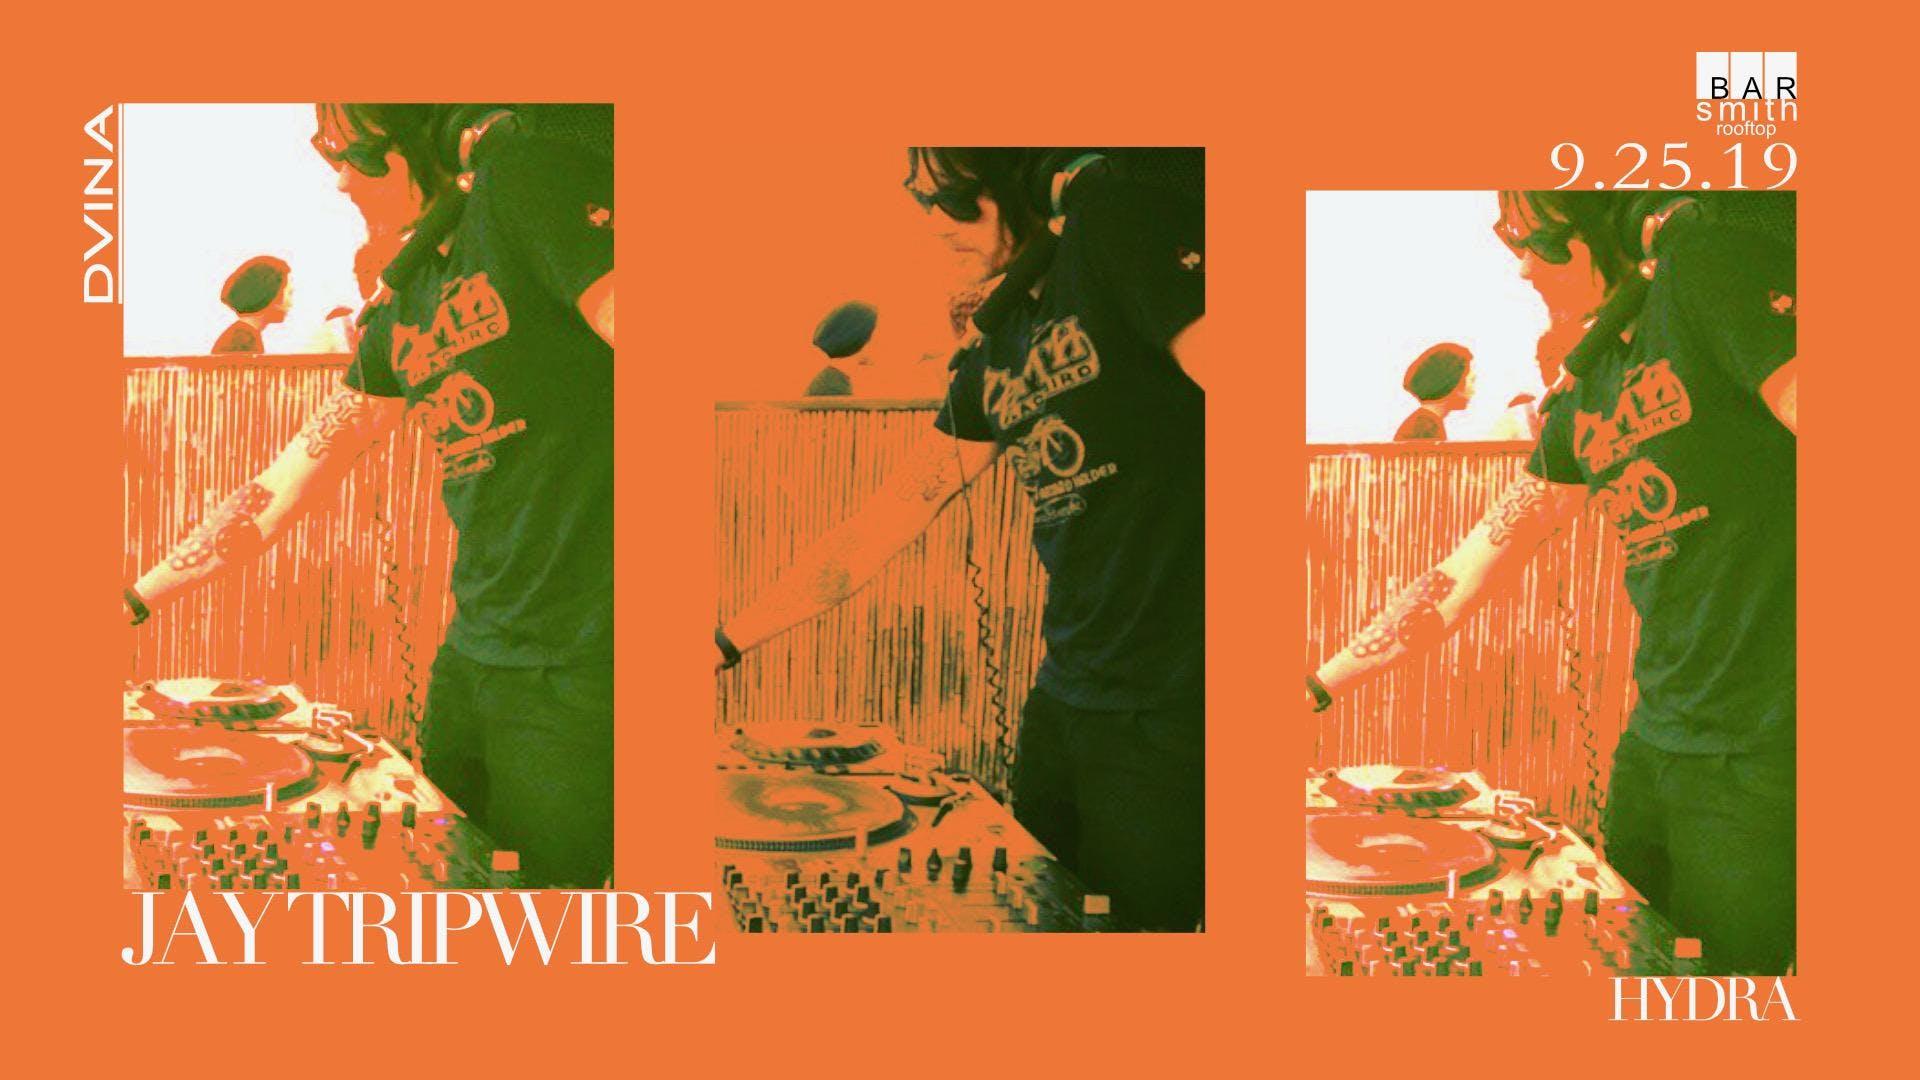 DVINA Wednesdays: JAY TRIPWIRE